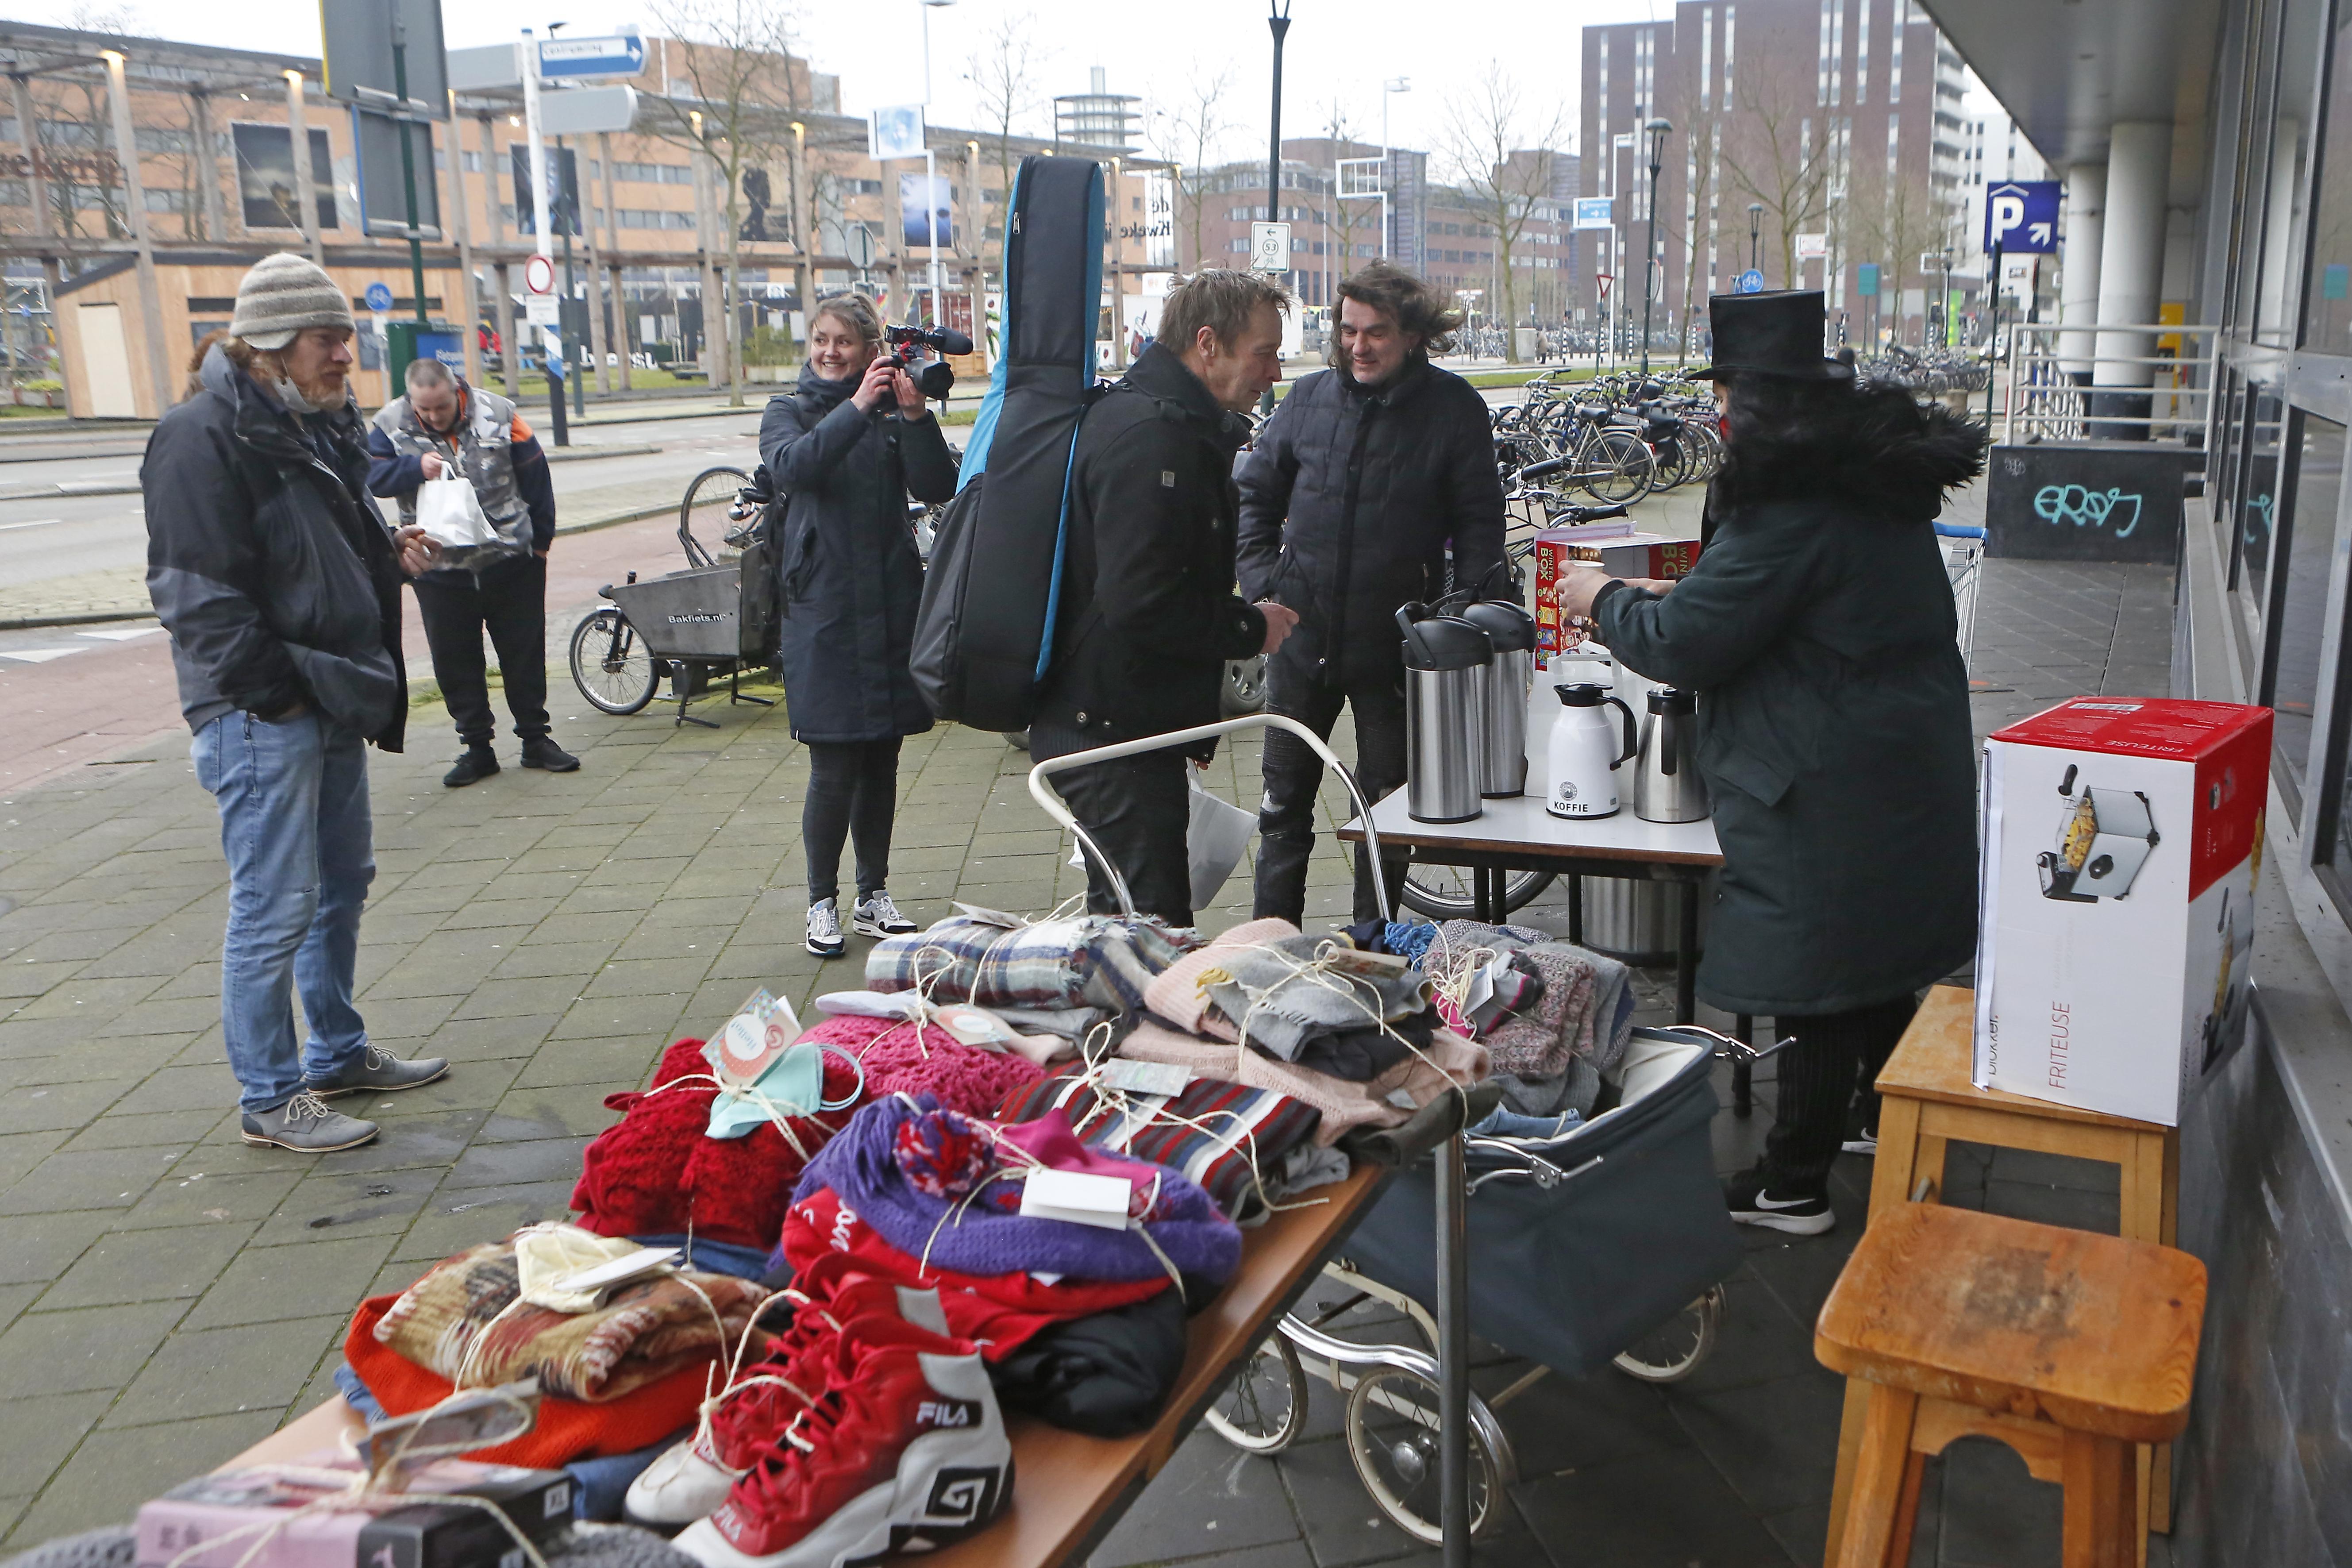 'Niemand hoeft op straat te slapen.' Ook Hilversum benadrukt dat er - ondanks corona - geen problemen zijn met de opvang van daklozen